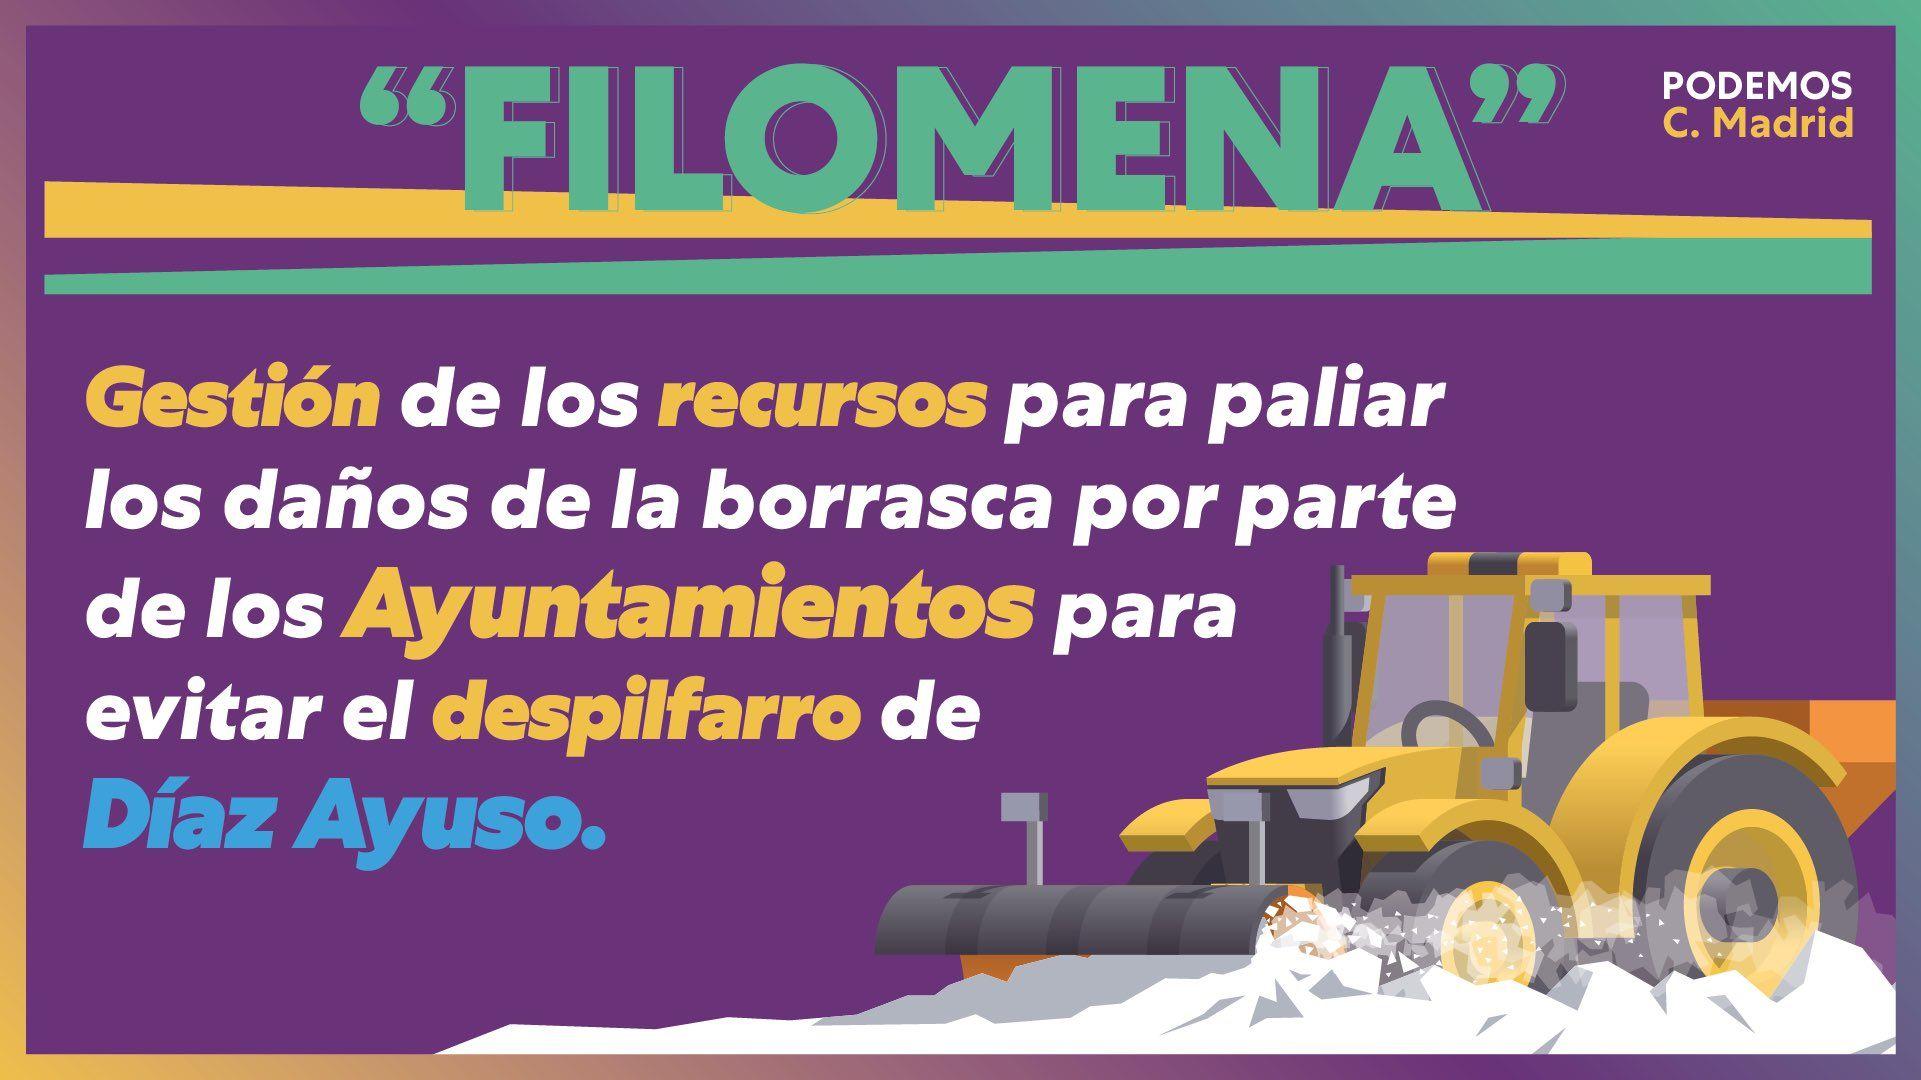 Podemos pide que sean los ayuntamientos quienes gestionen los recursos para paliar los daños de Filomena